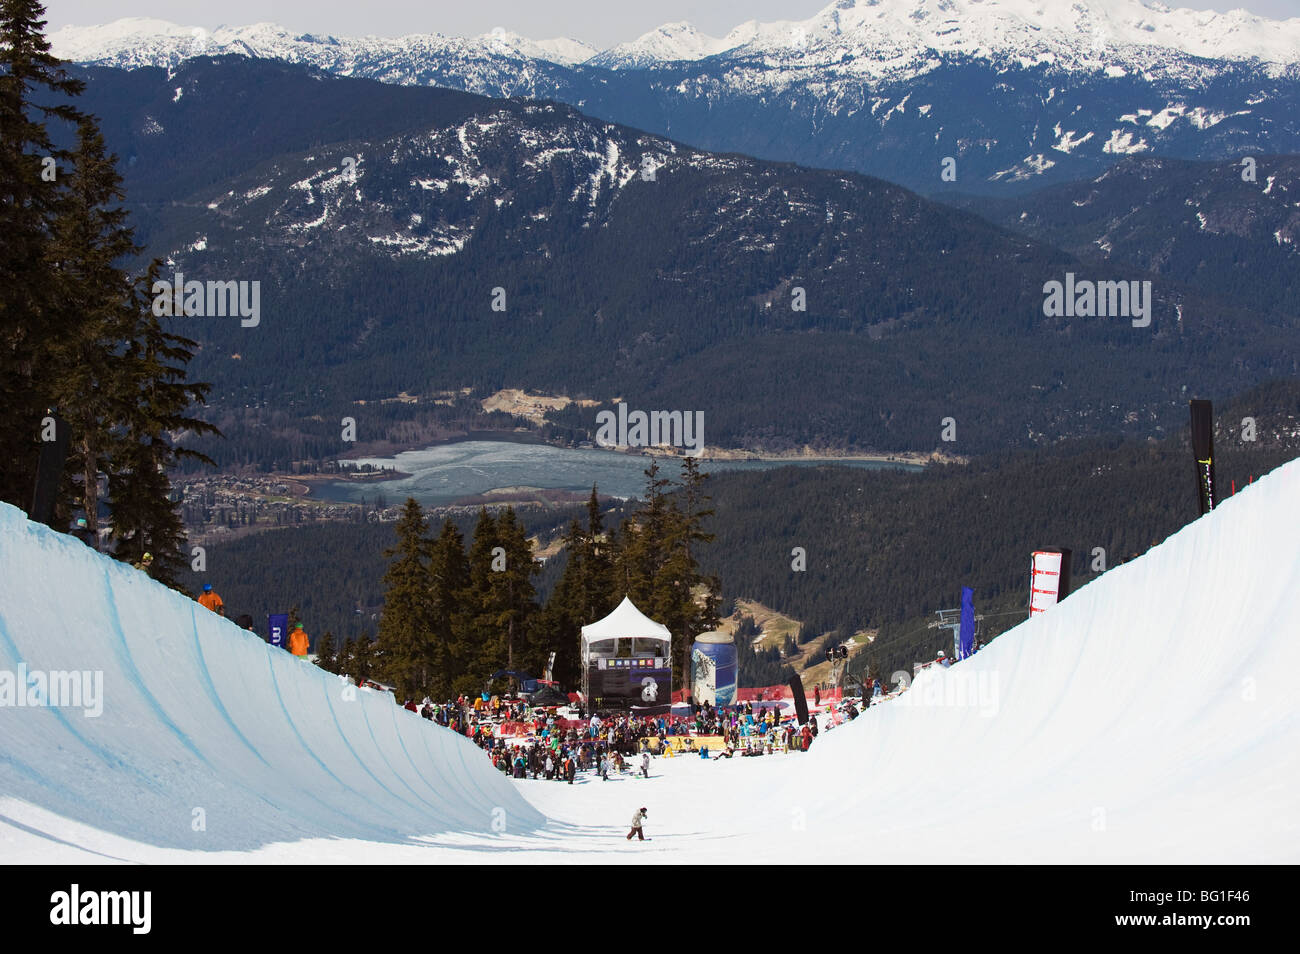 Telus Festival Halfpipe-Wettbewerb, Whistler Mountain Resort, Austragungsort der Olympischen Winterspiele 2010, Stockbild